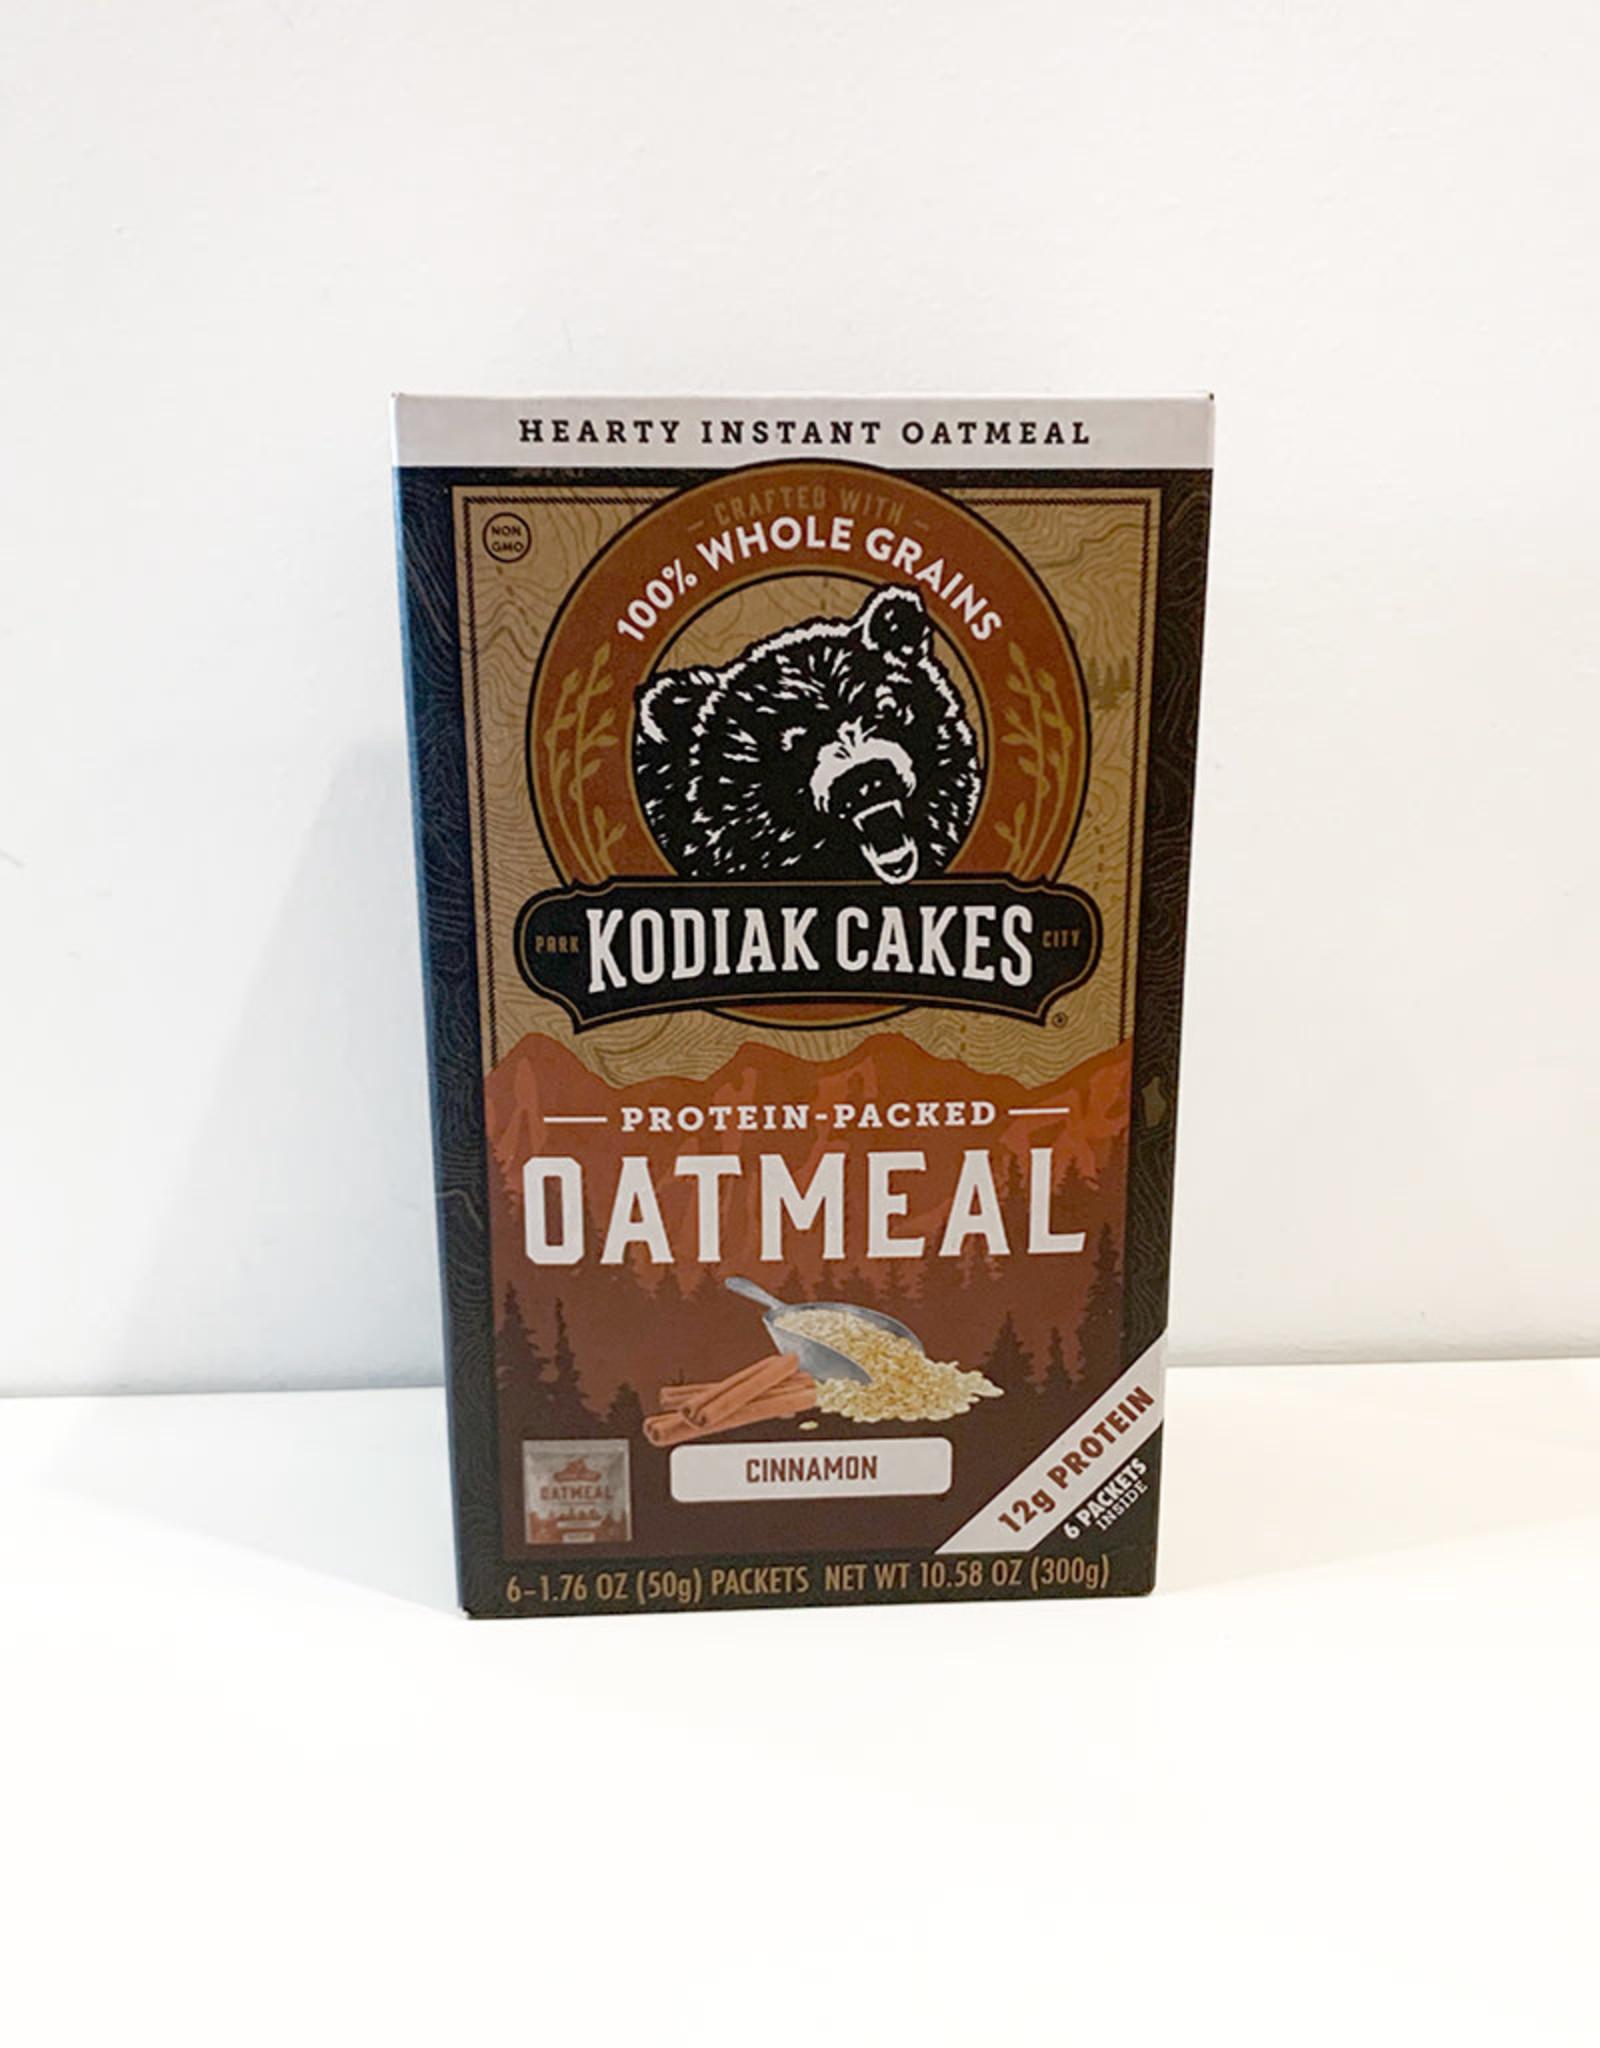 Kodiak Cakes Kodiak Cakes - Protein Packed Oatmeal, Cinnamon